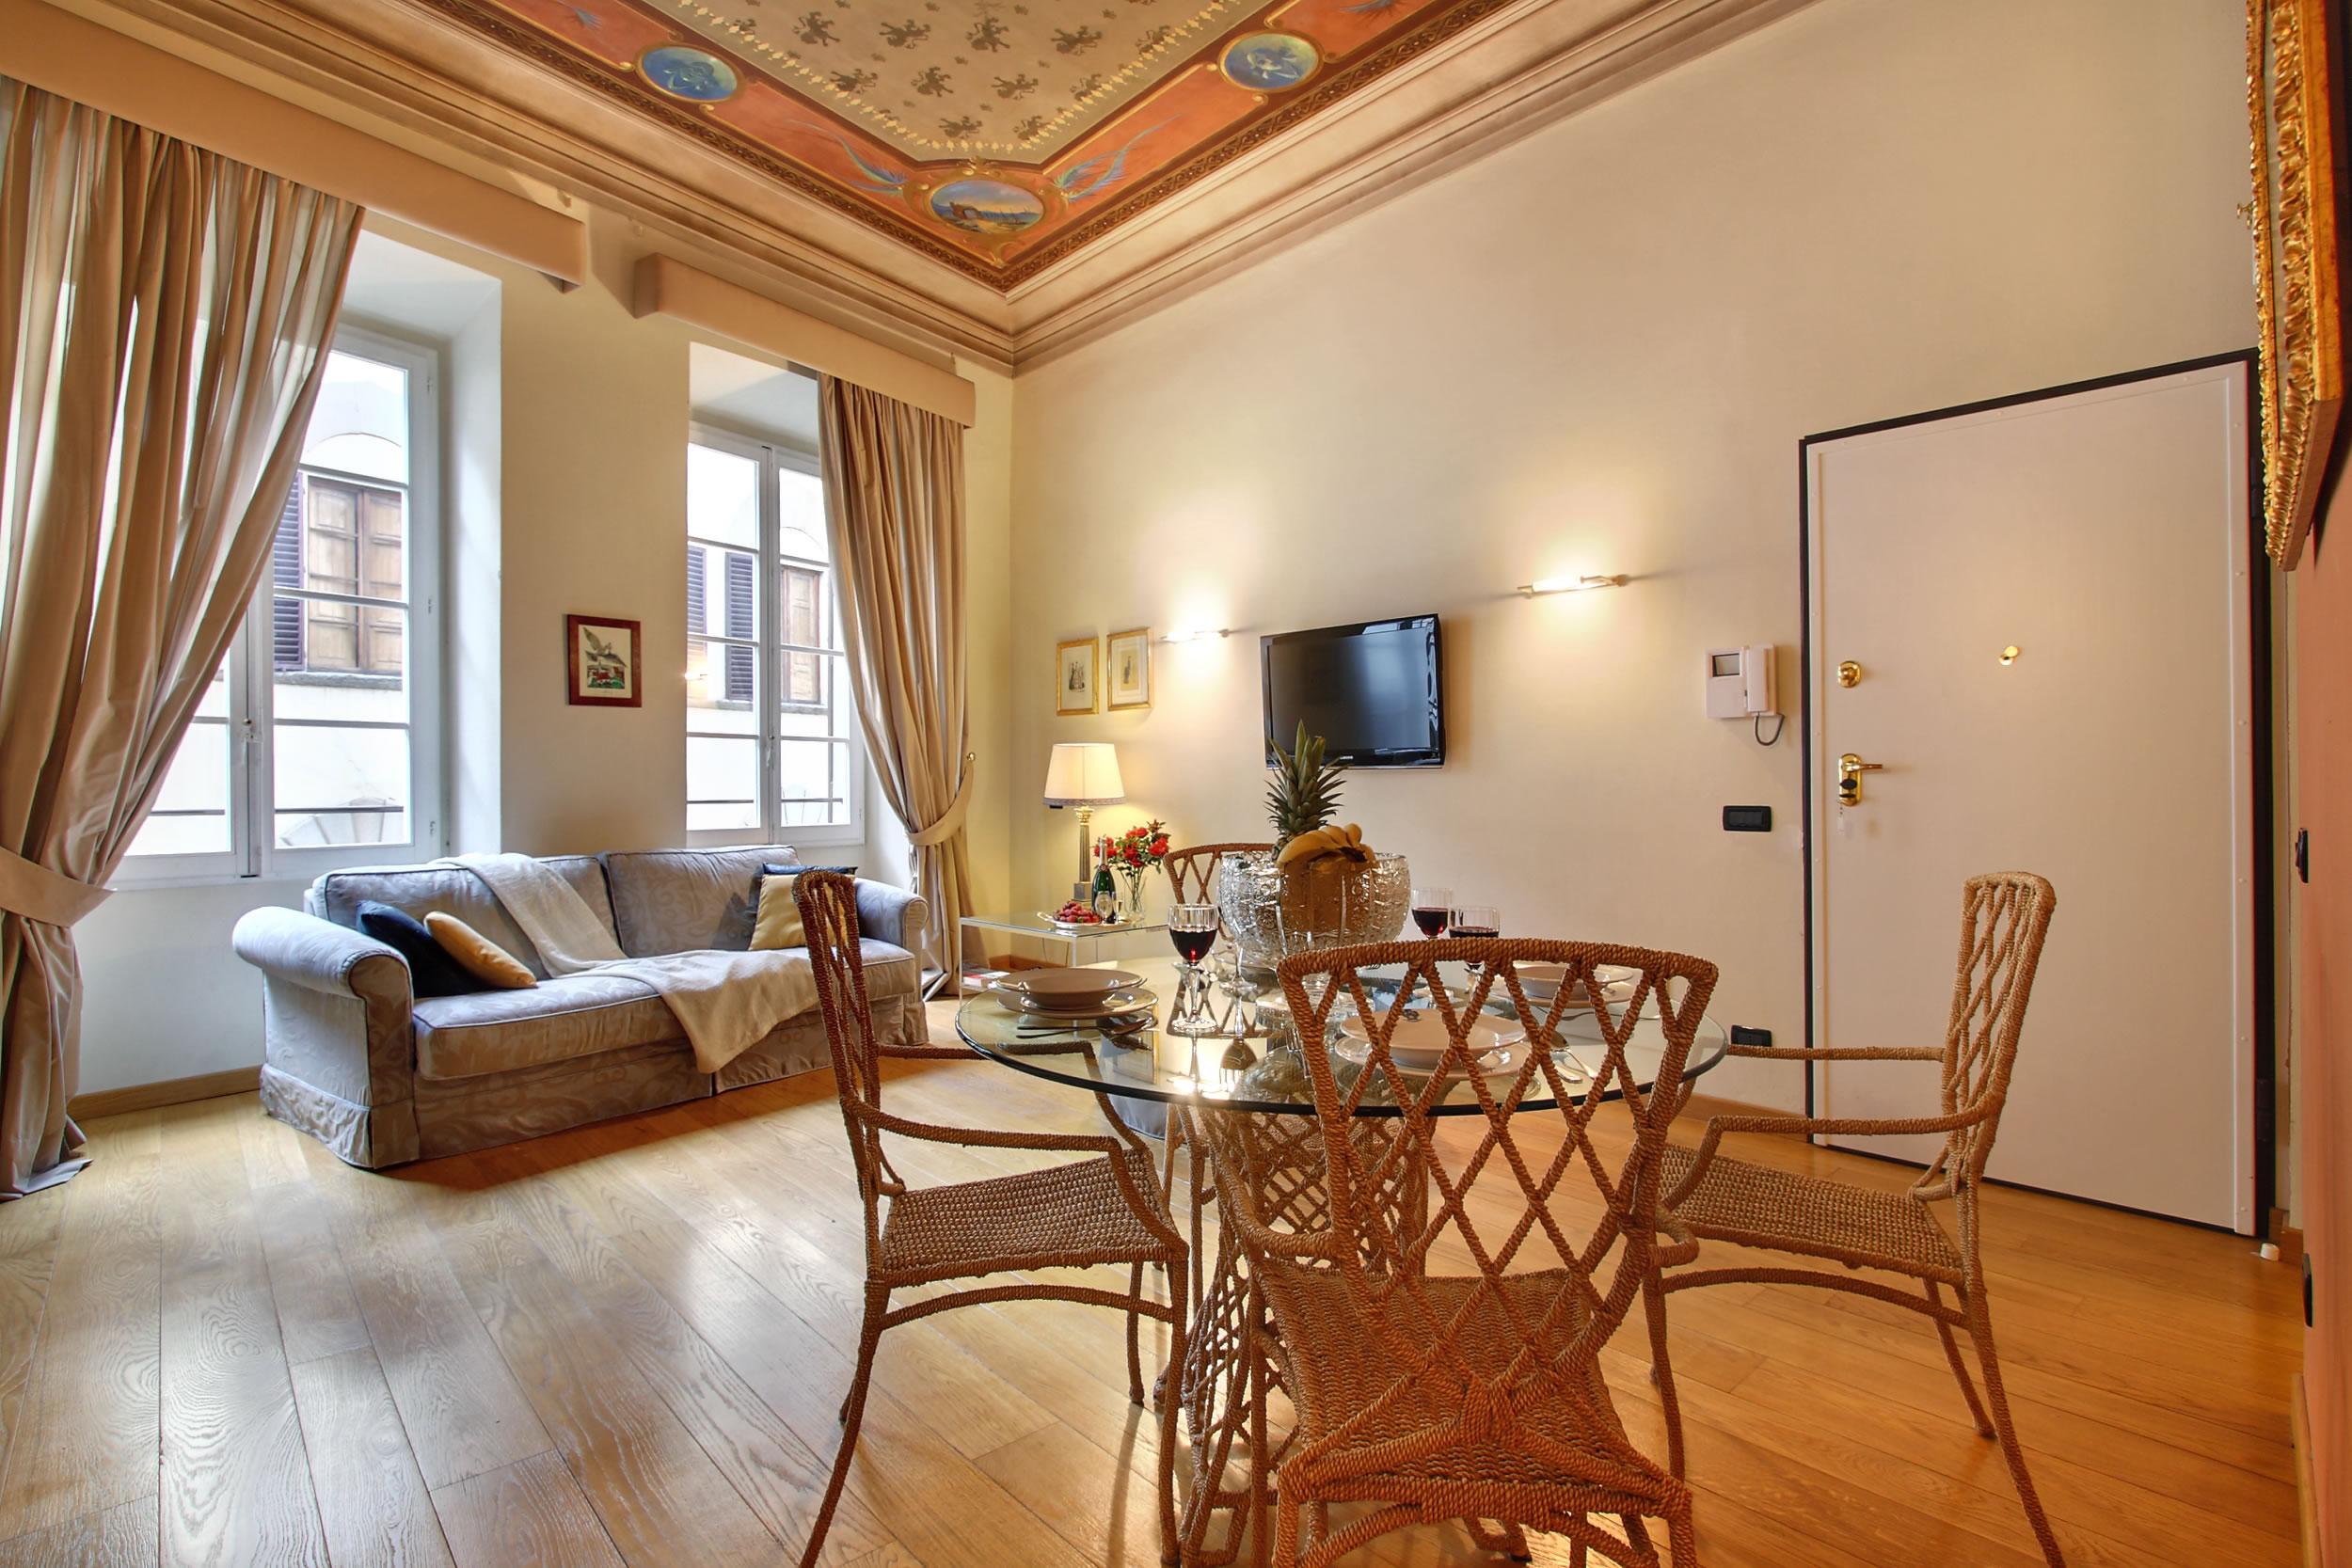 Appartamenti di lusso nel centro storico di firenze for Appartamenti di lusso